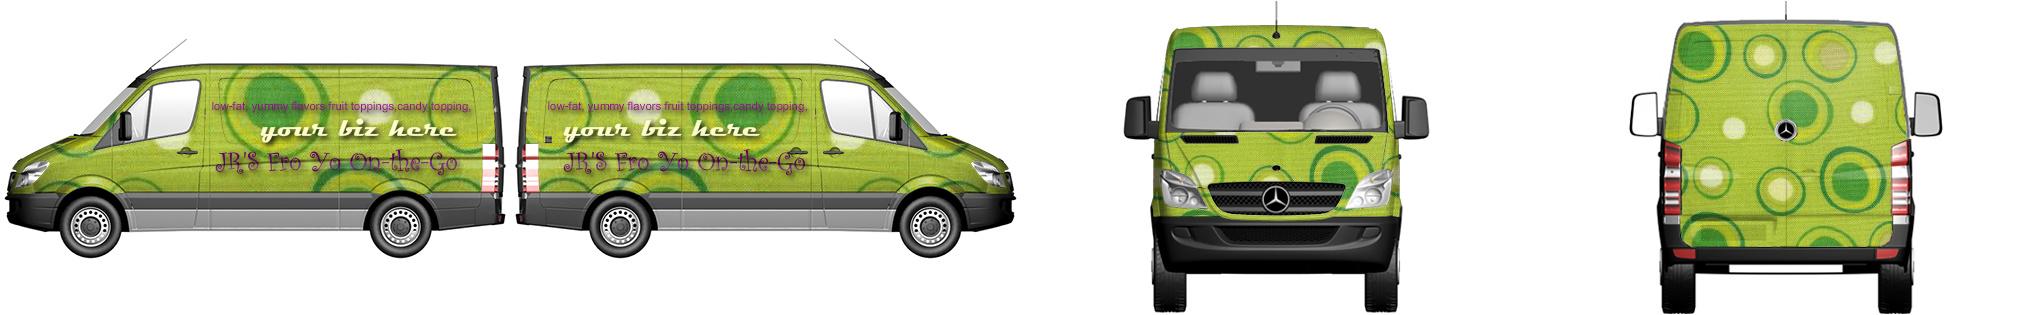 Van Wrap #994